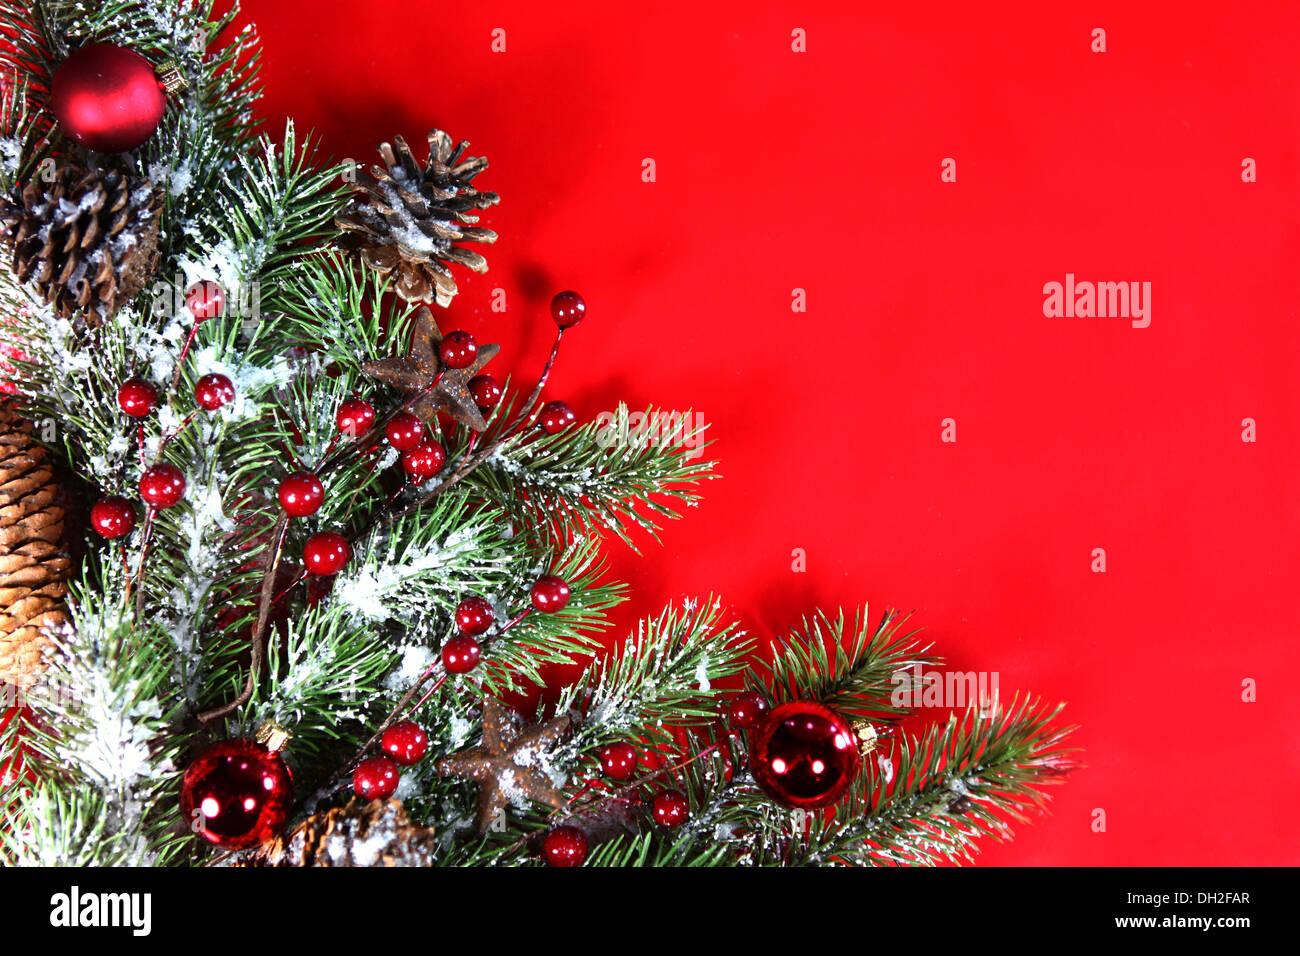 Maison De Vacances De Noël Fond écran Pour Ajouter Du Texte